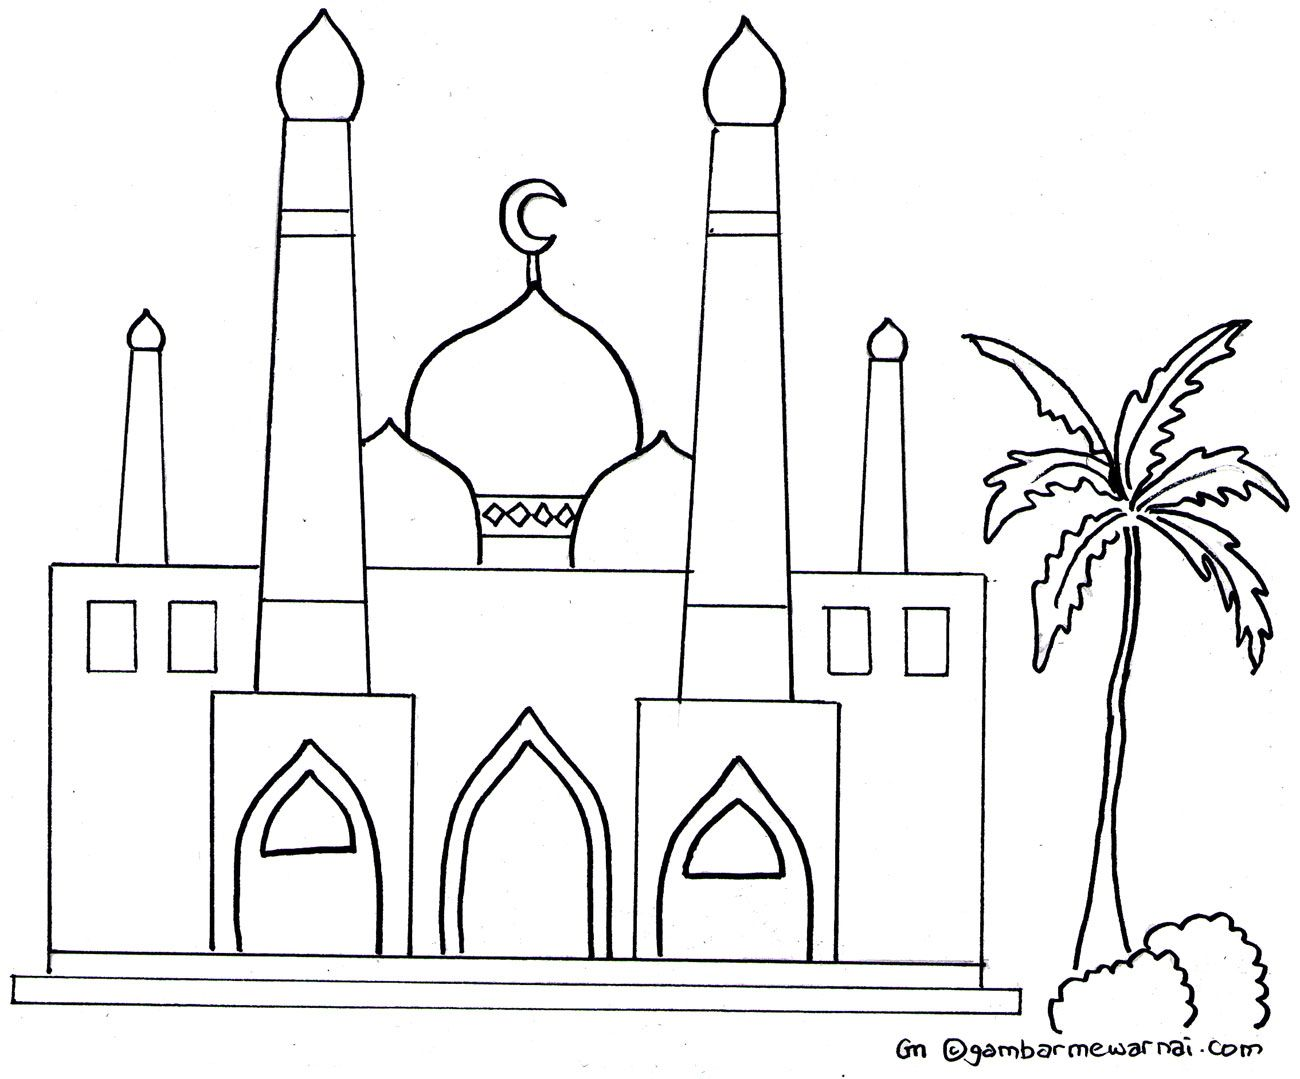 Gambar Mewarnai Masjid | gambar kelinci | Pinterest